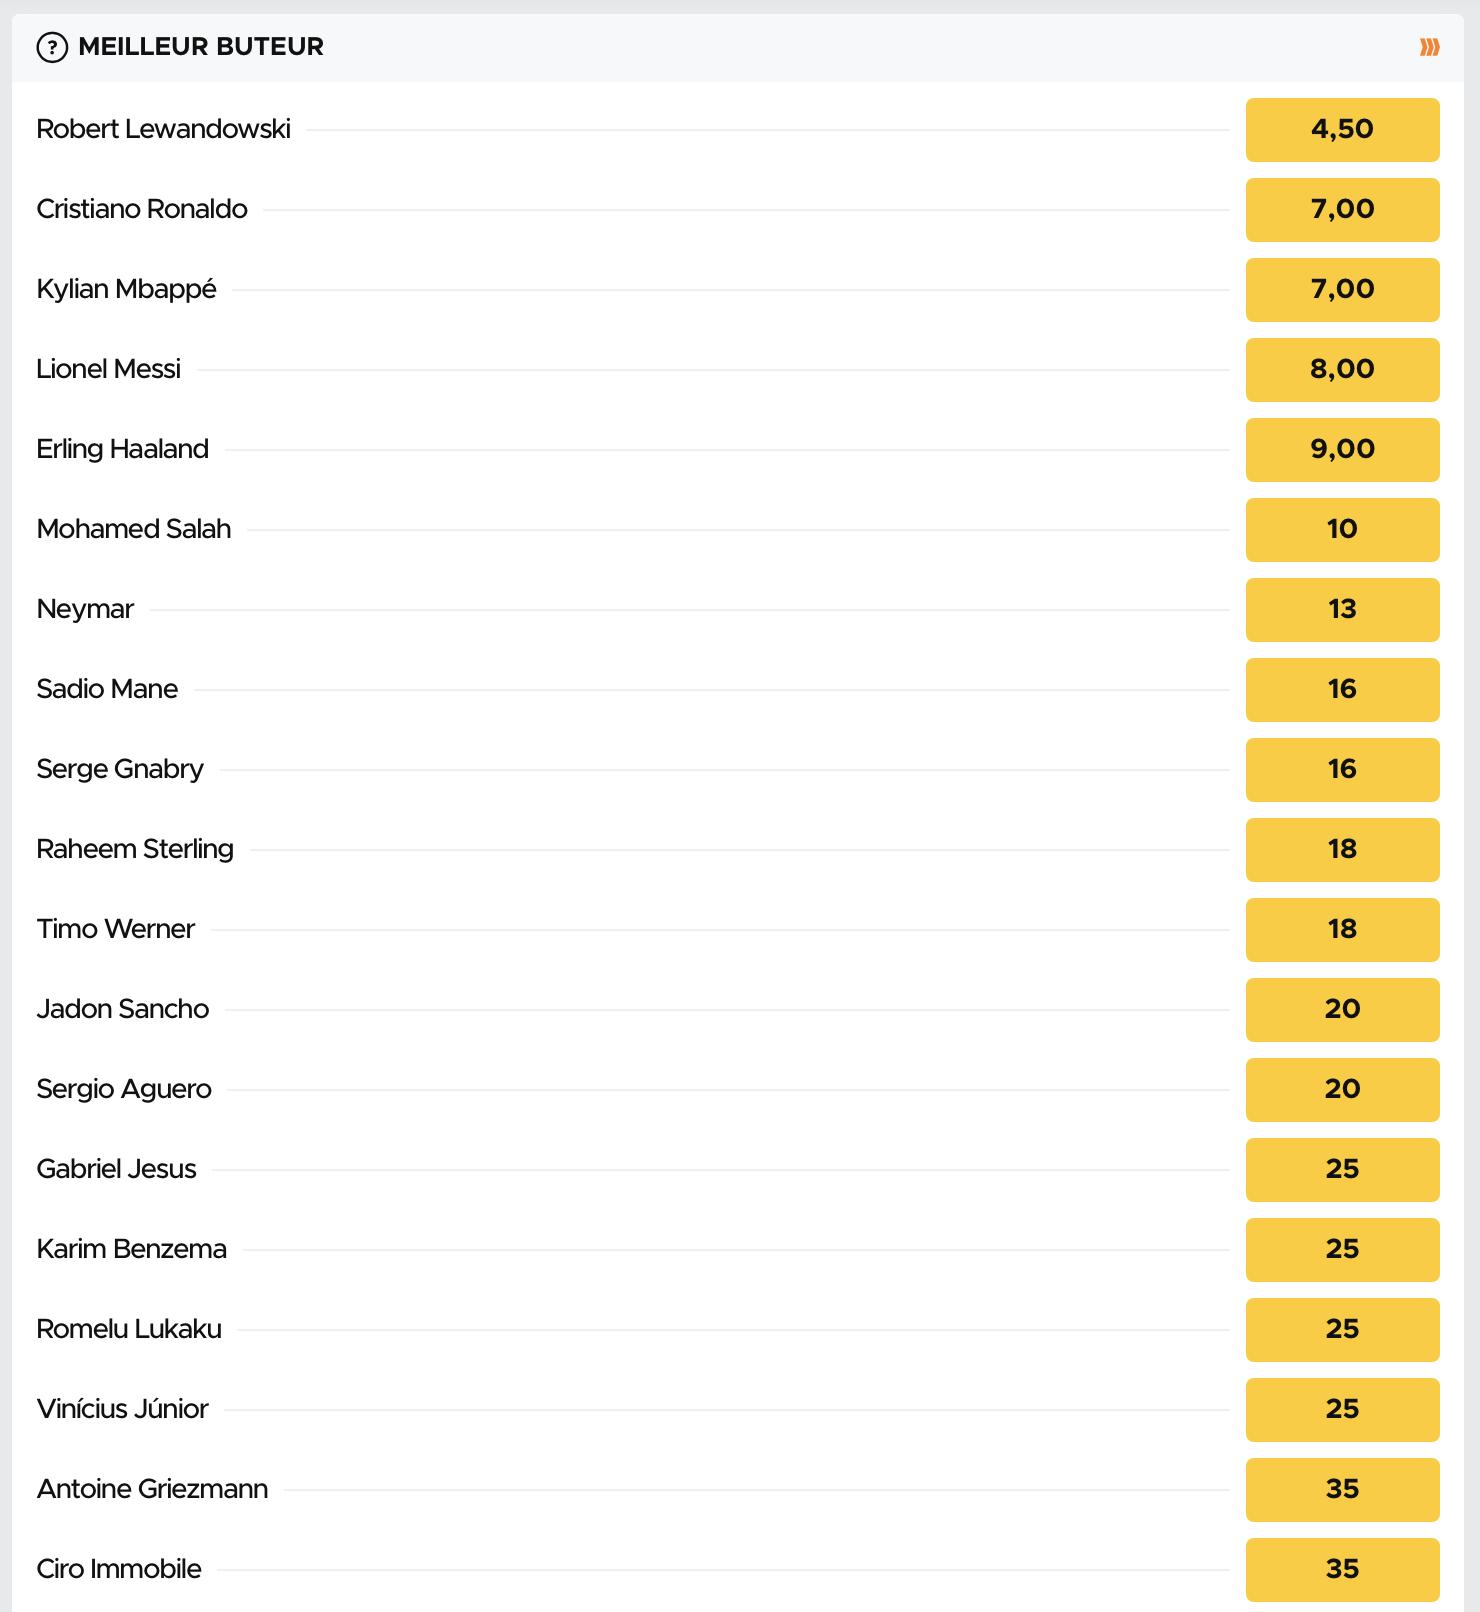 Cotes pour le meilleur buteur de la Ligue des Champions 2020-2021